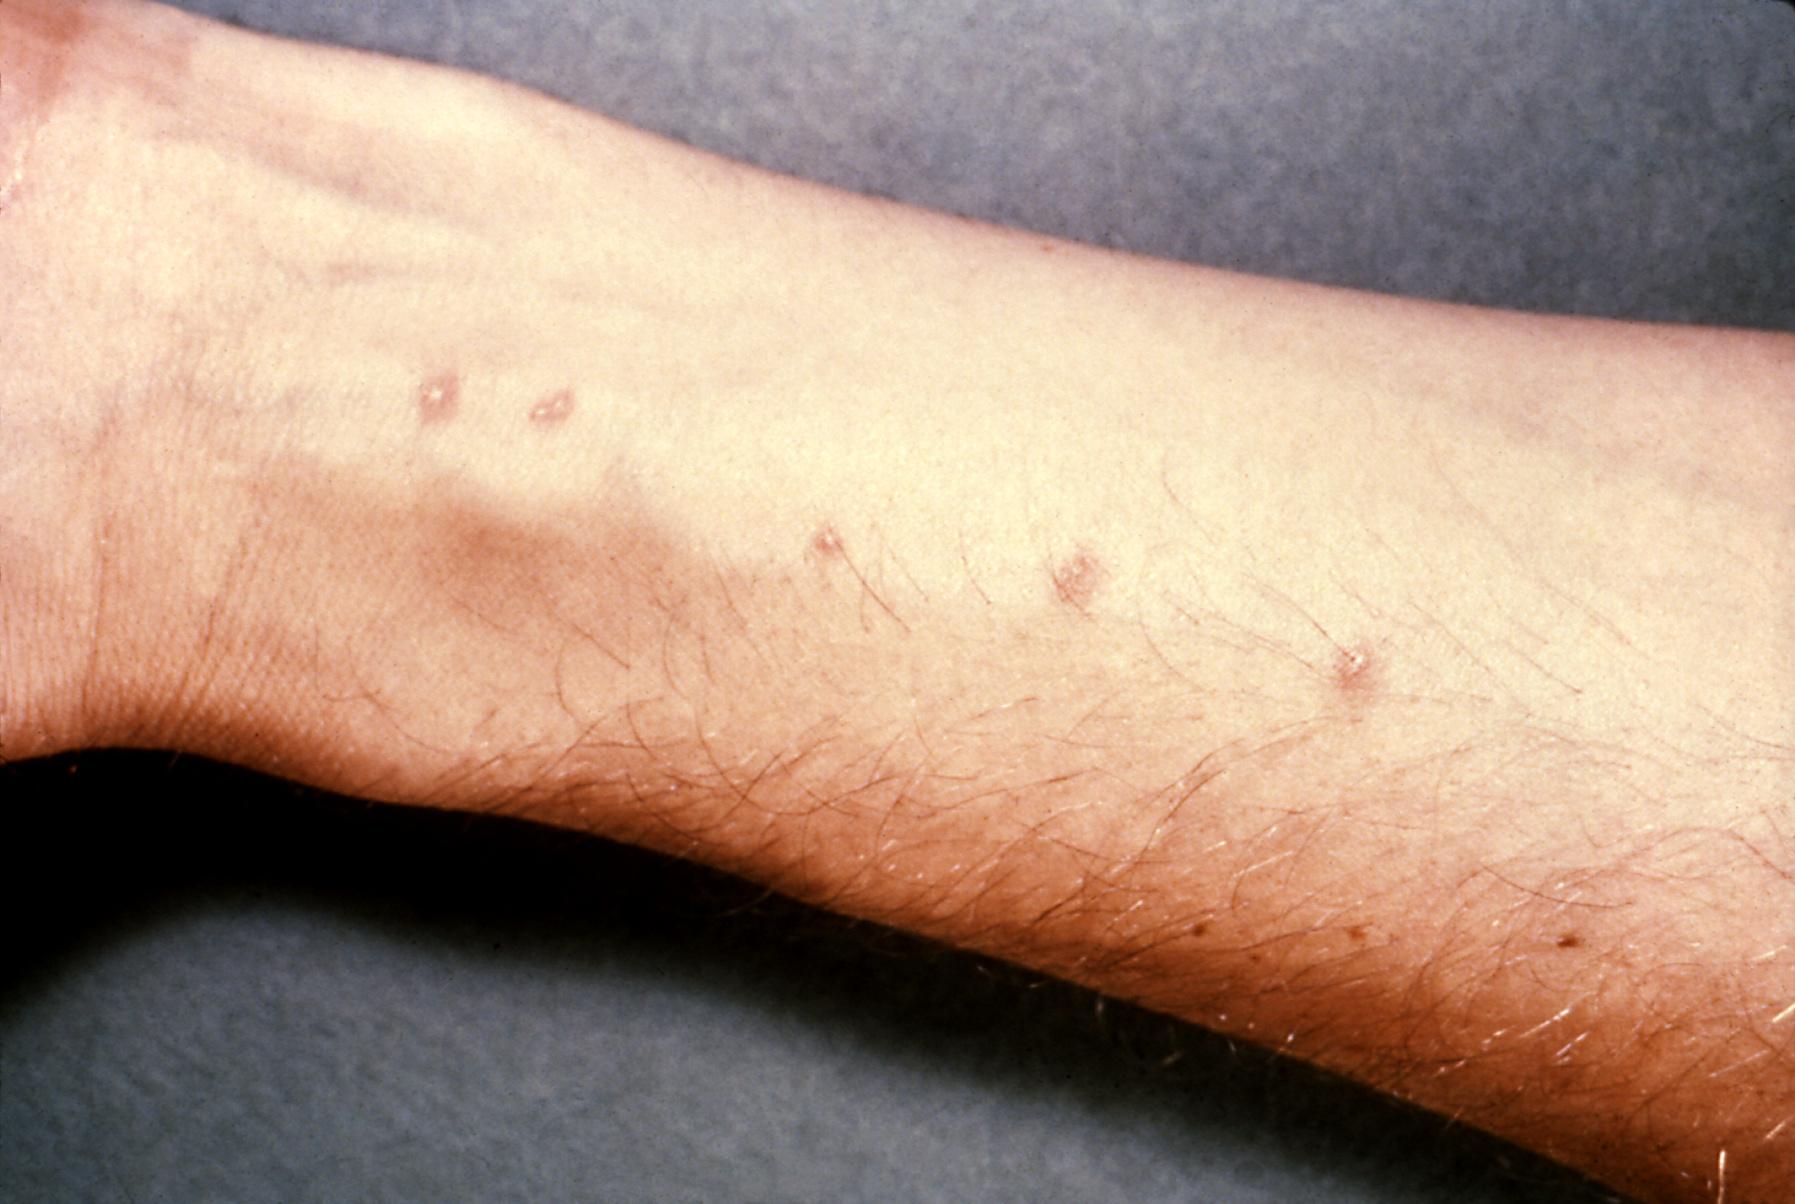 Pustcular Psoriasis kezeles kaposztaval- Pustcular Psoriasis kezeles kaposztaval